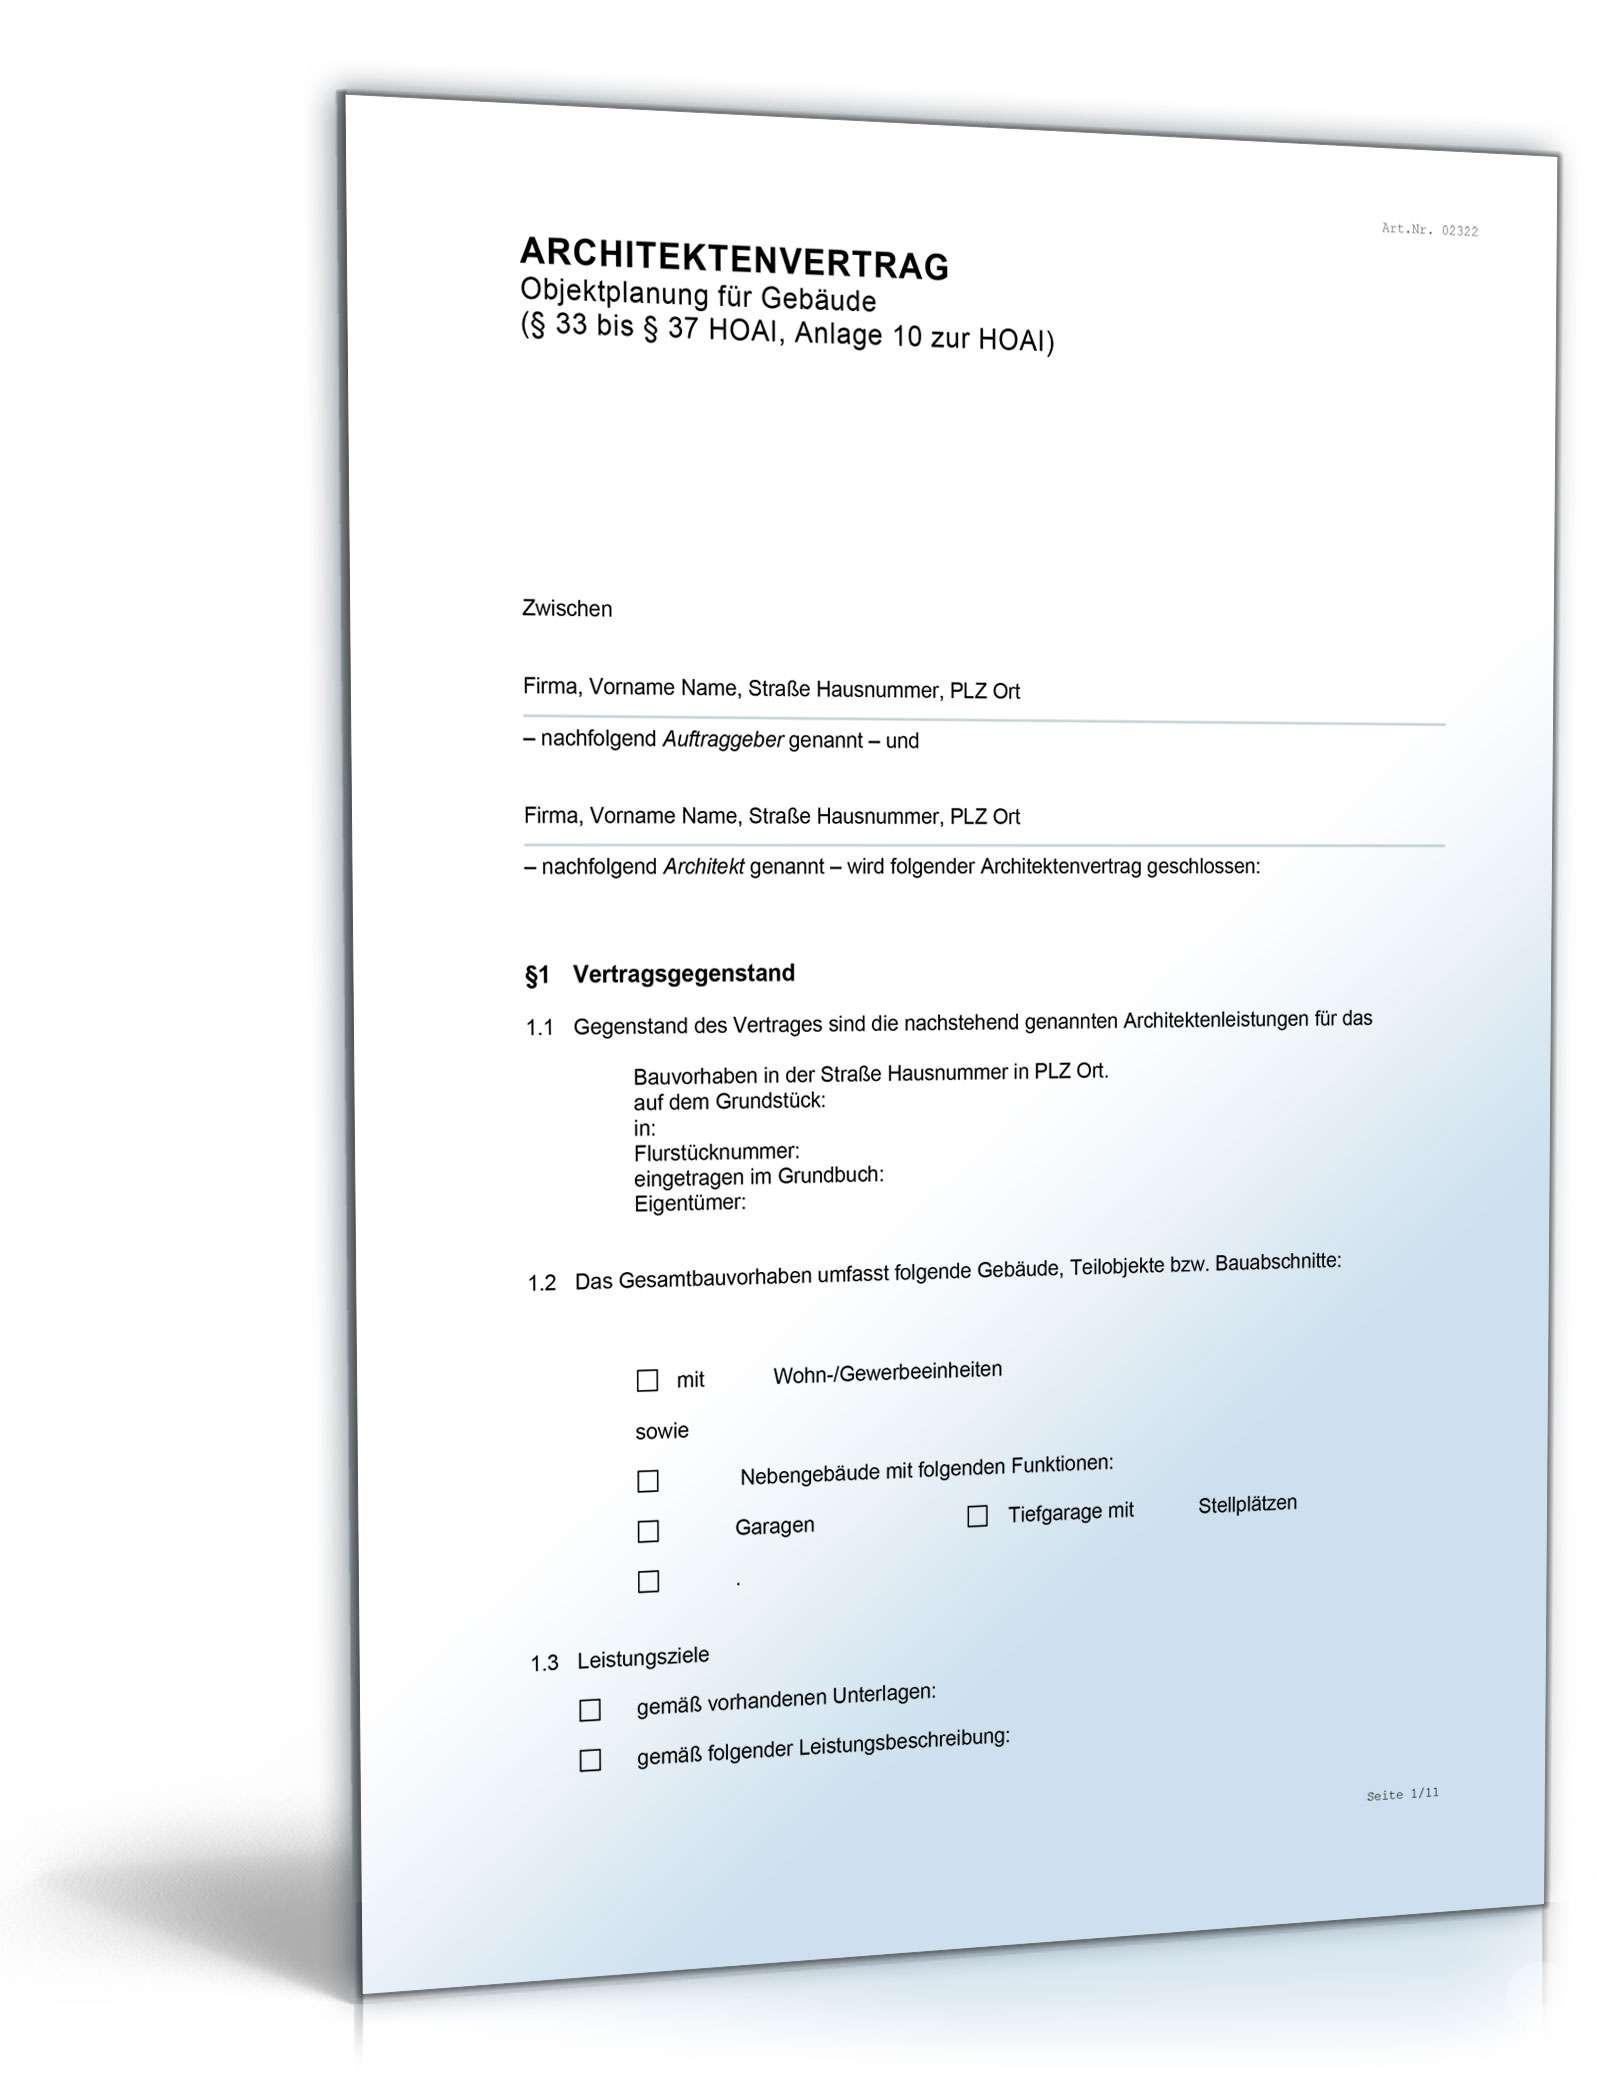 Architektenvertrag Nach Hoai Rechtssicheres Muster Downloaden